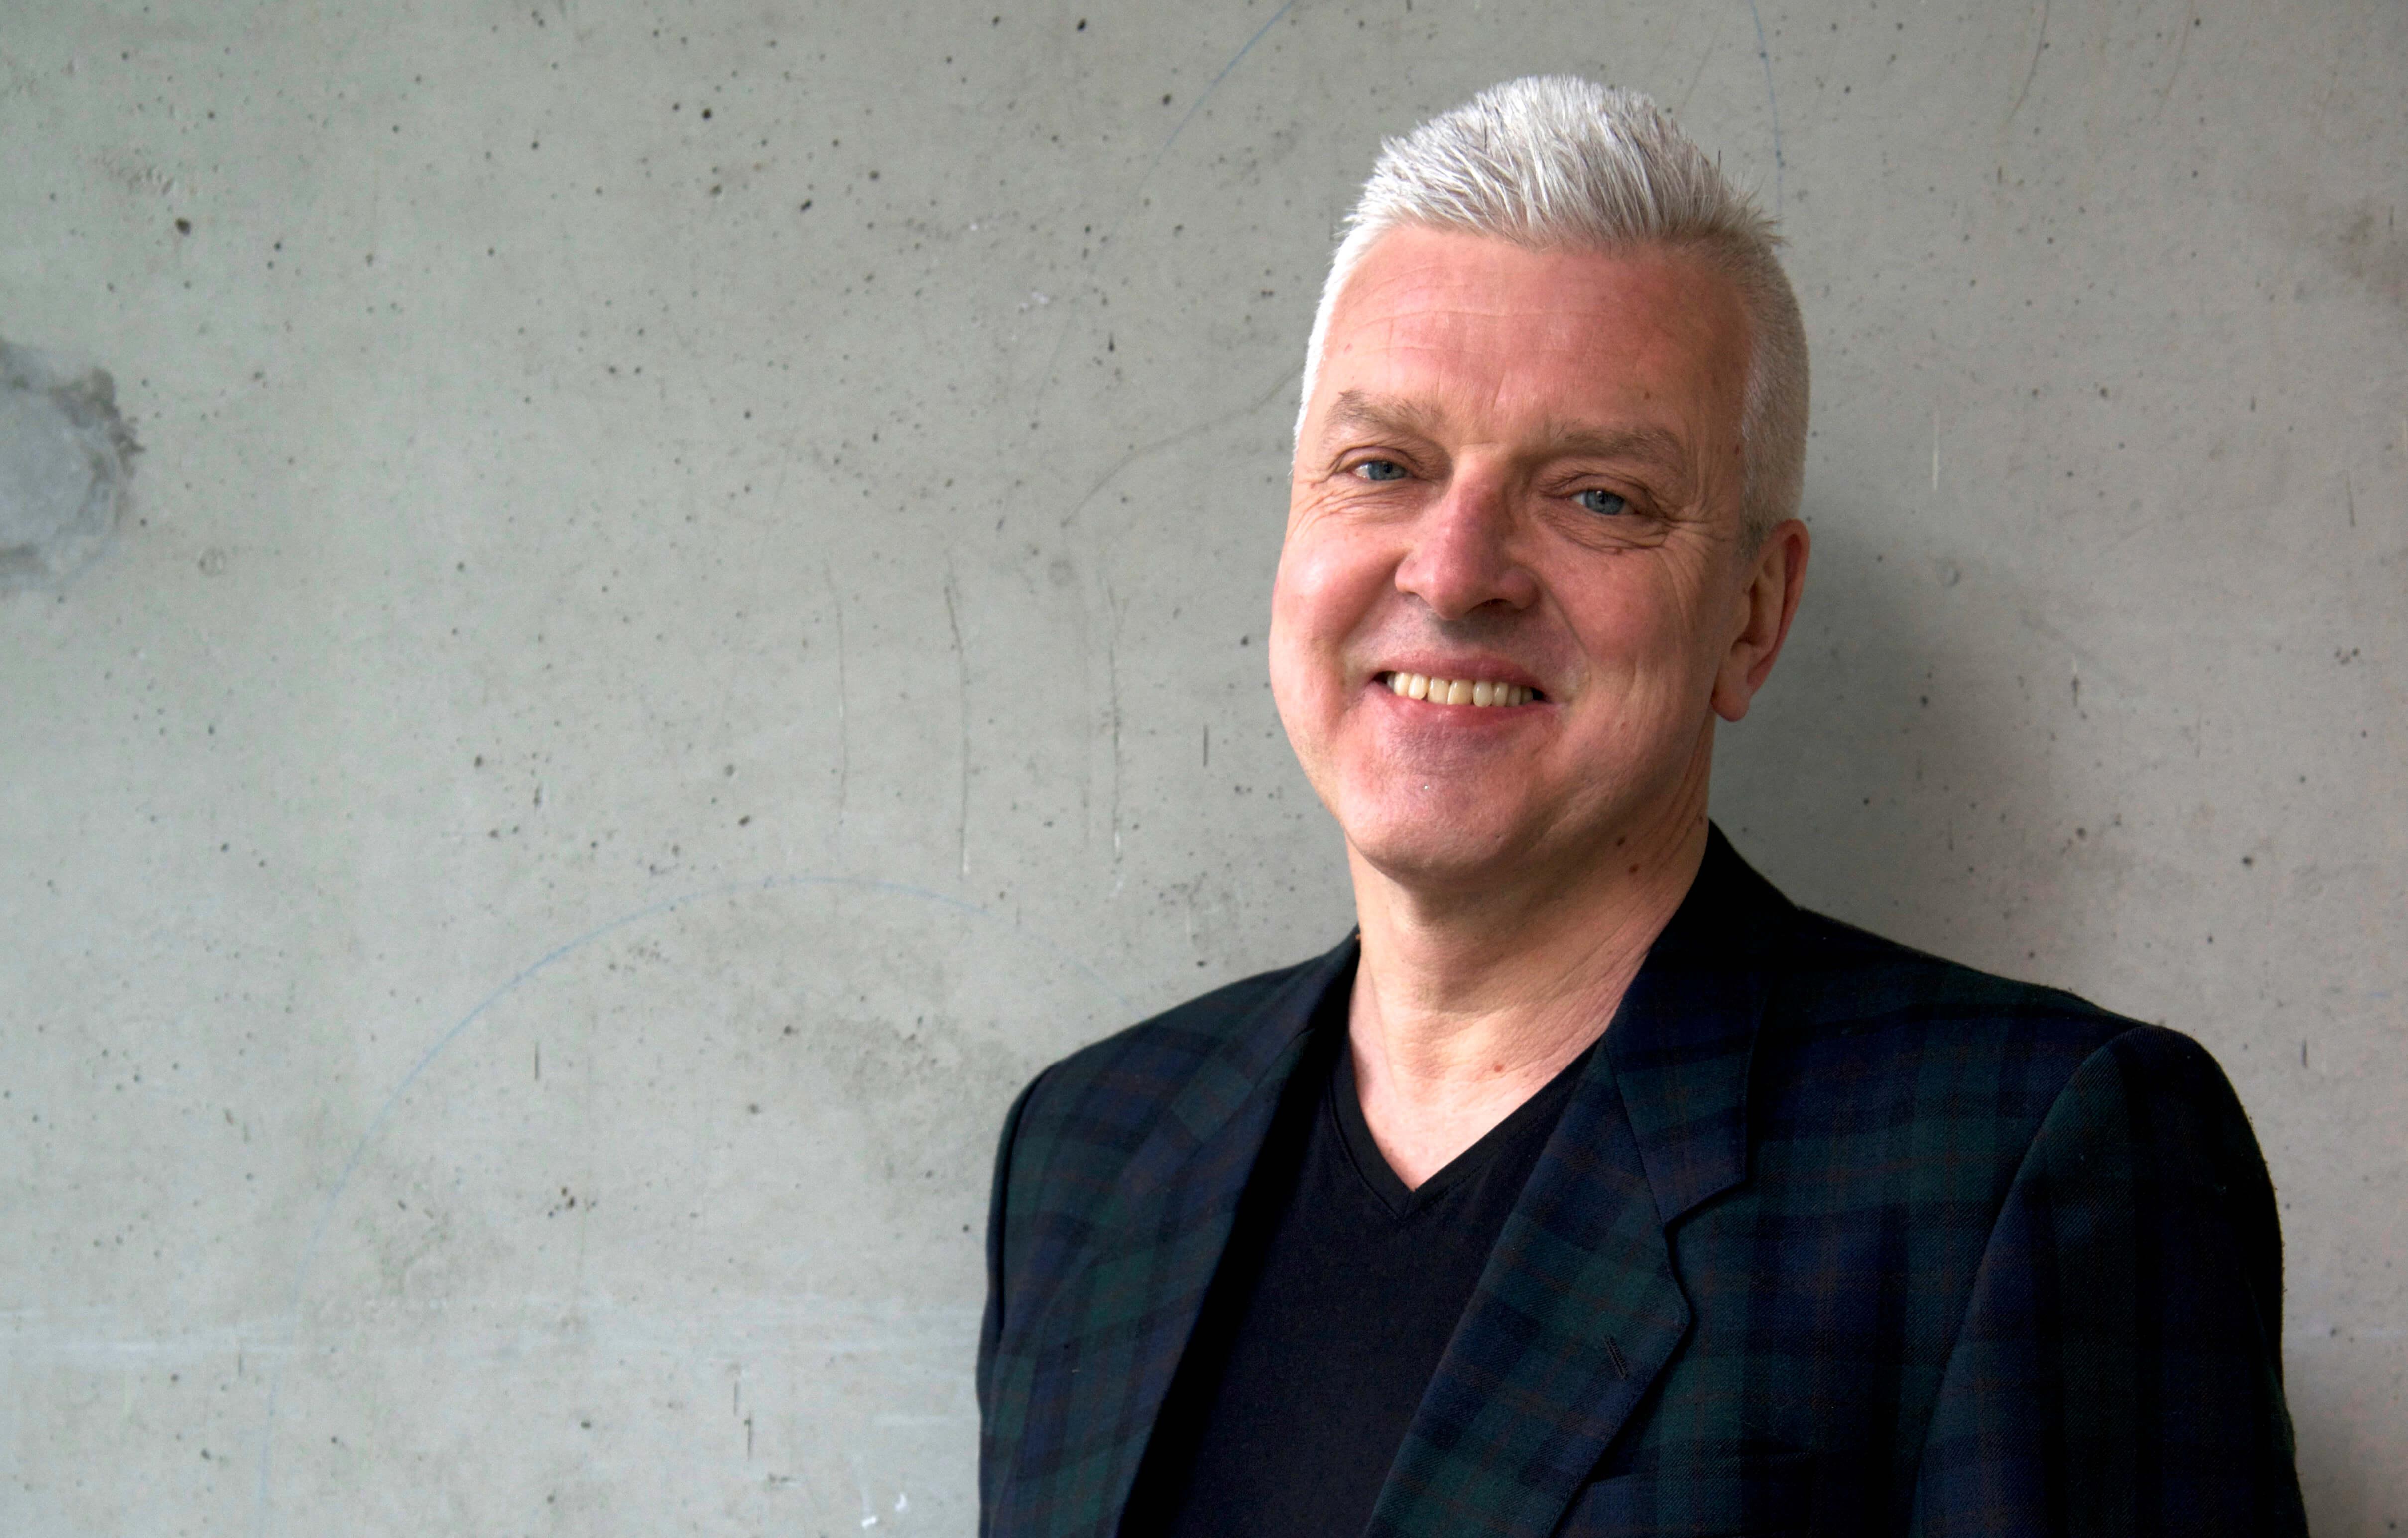 Joost Schrickx auteur van nieuw storytelling boek